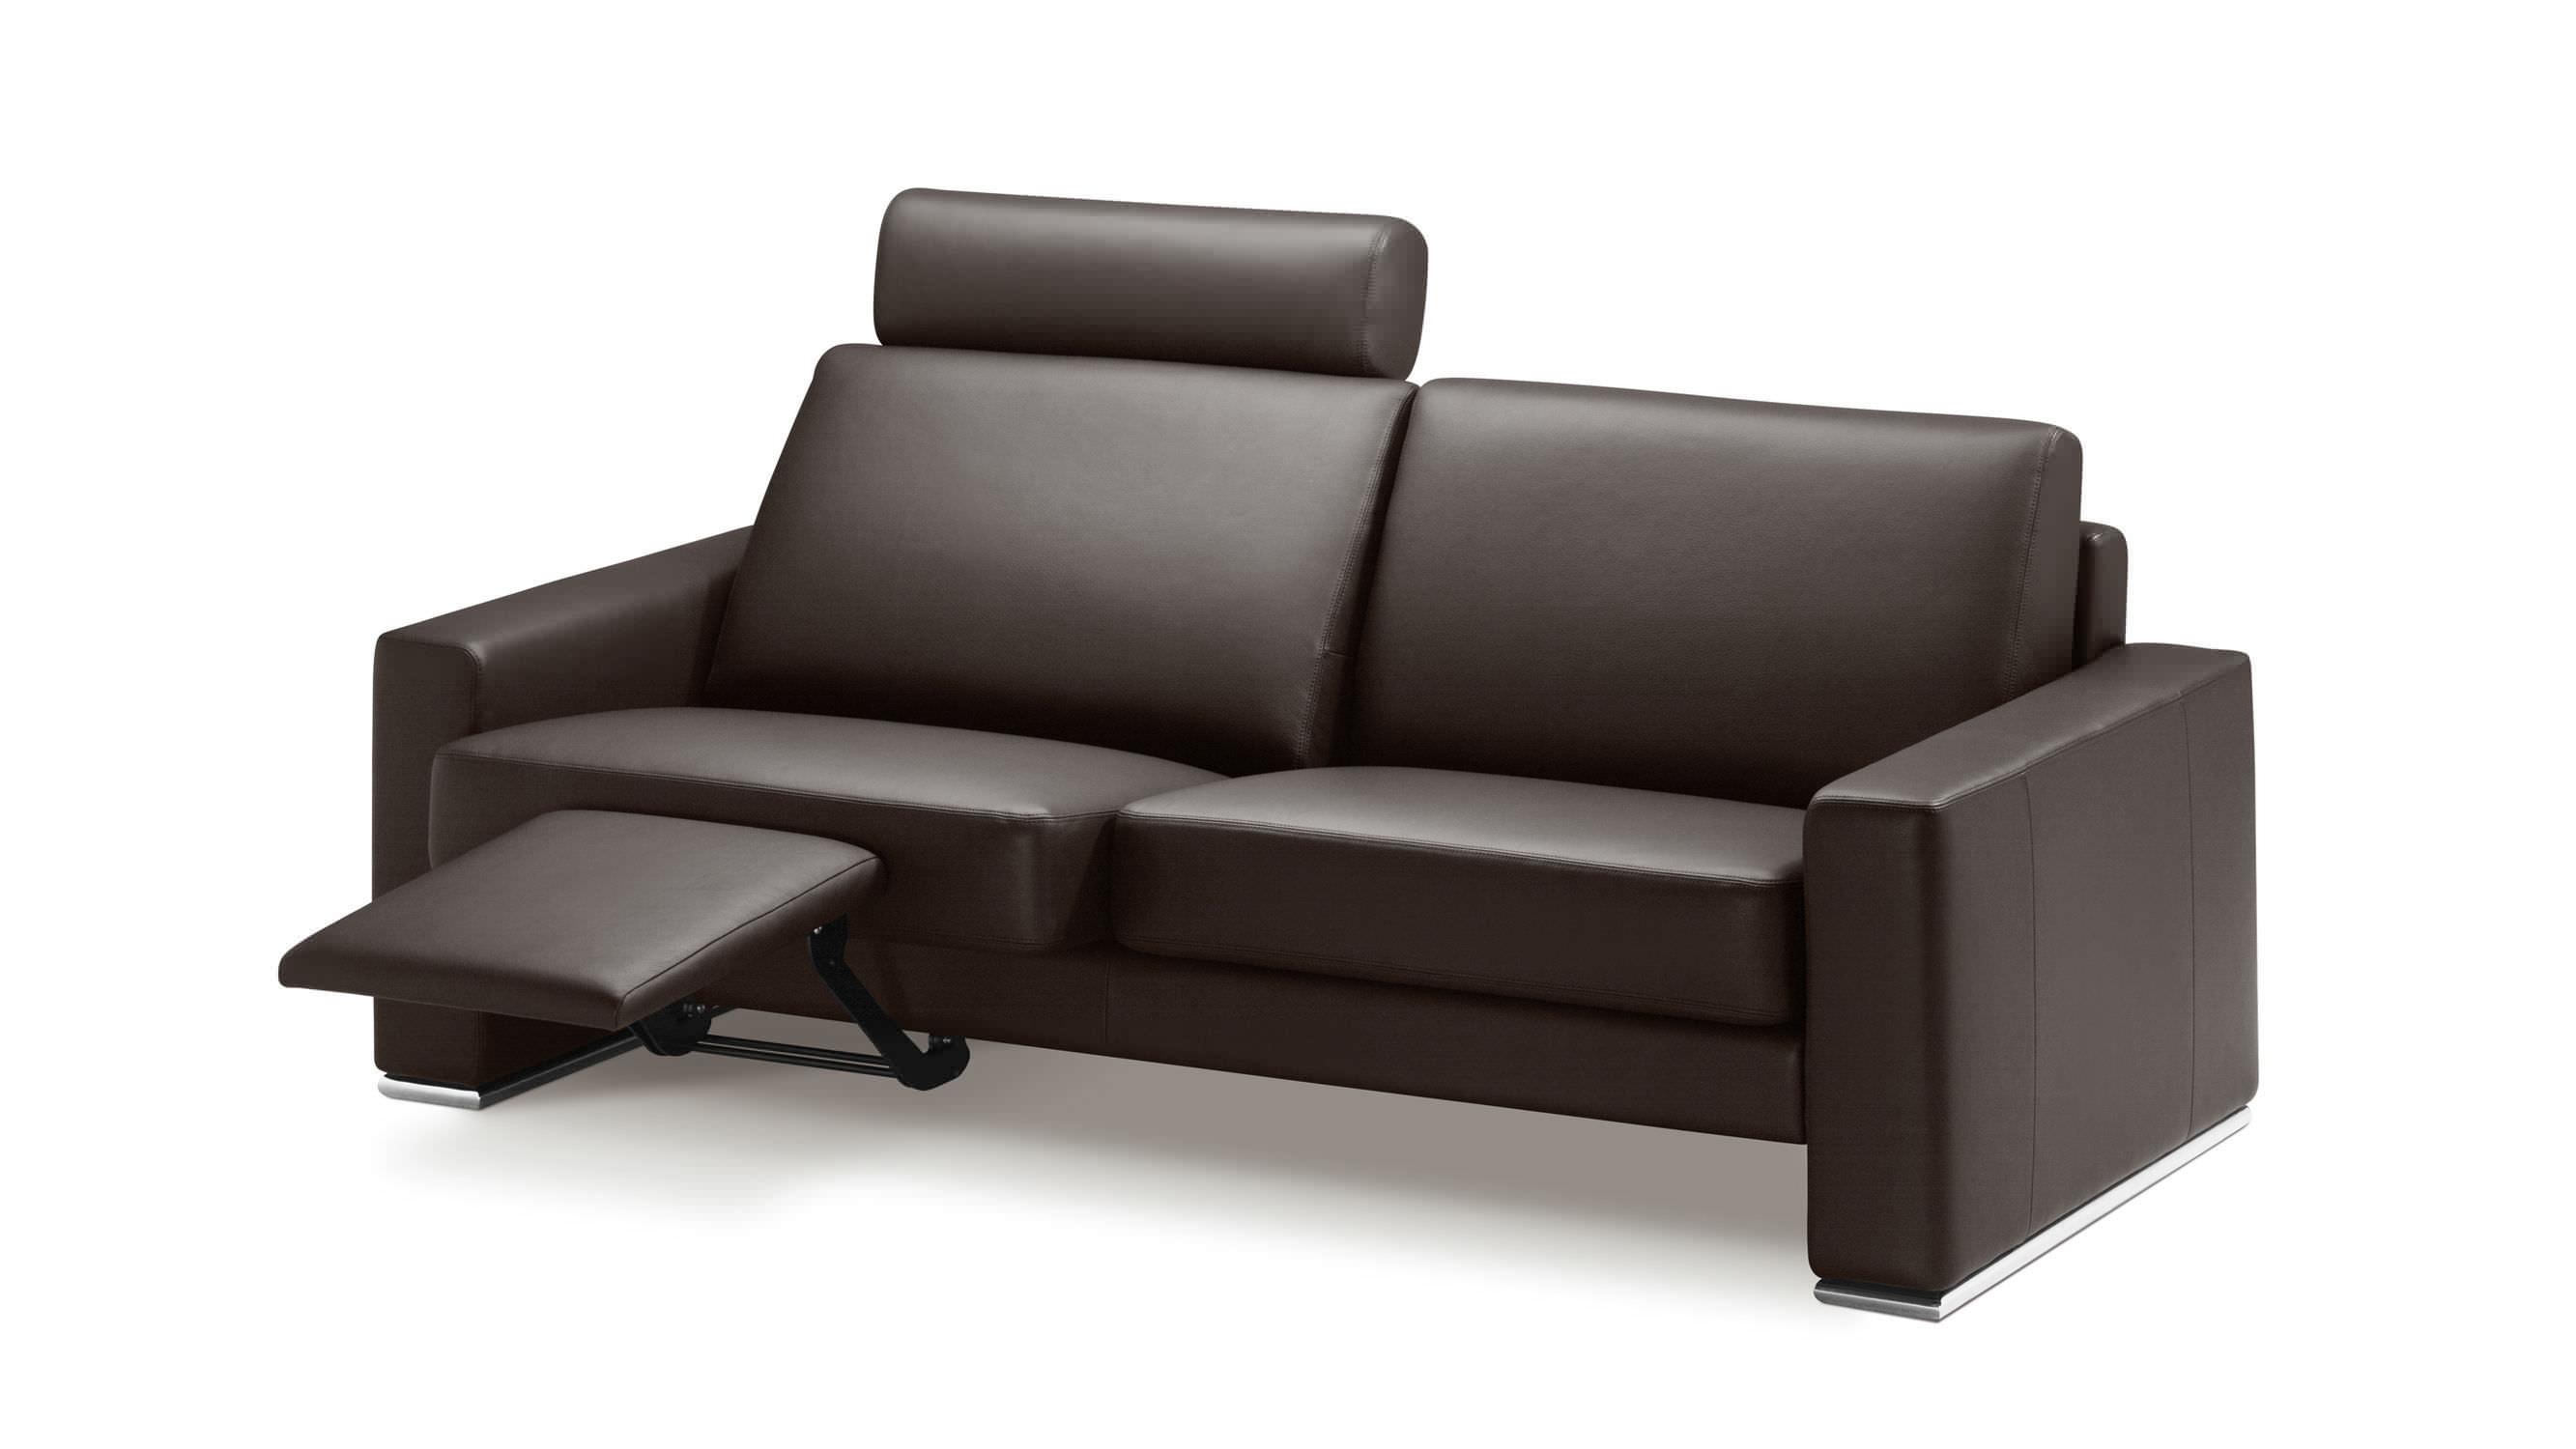 Canapé contemporain / en cuir / en tissu / 2 places - 2700 BOLERO ...